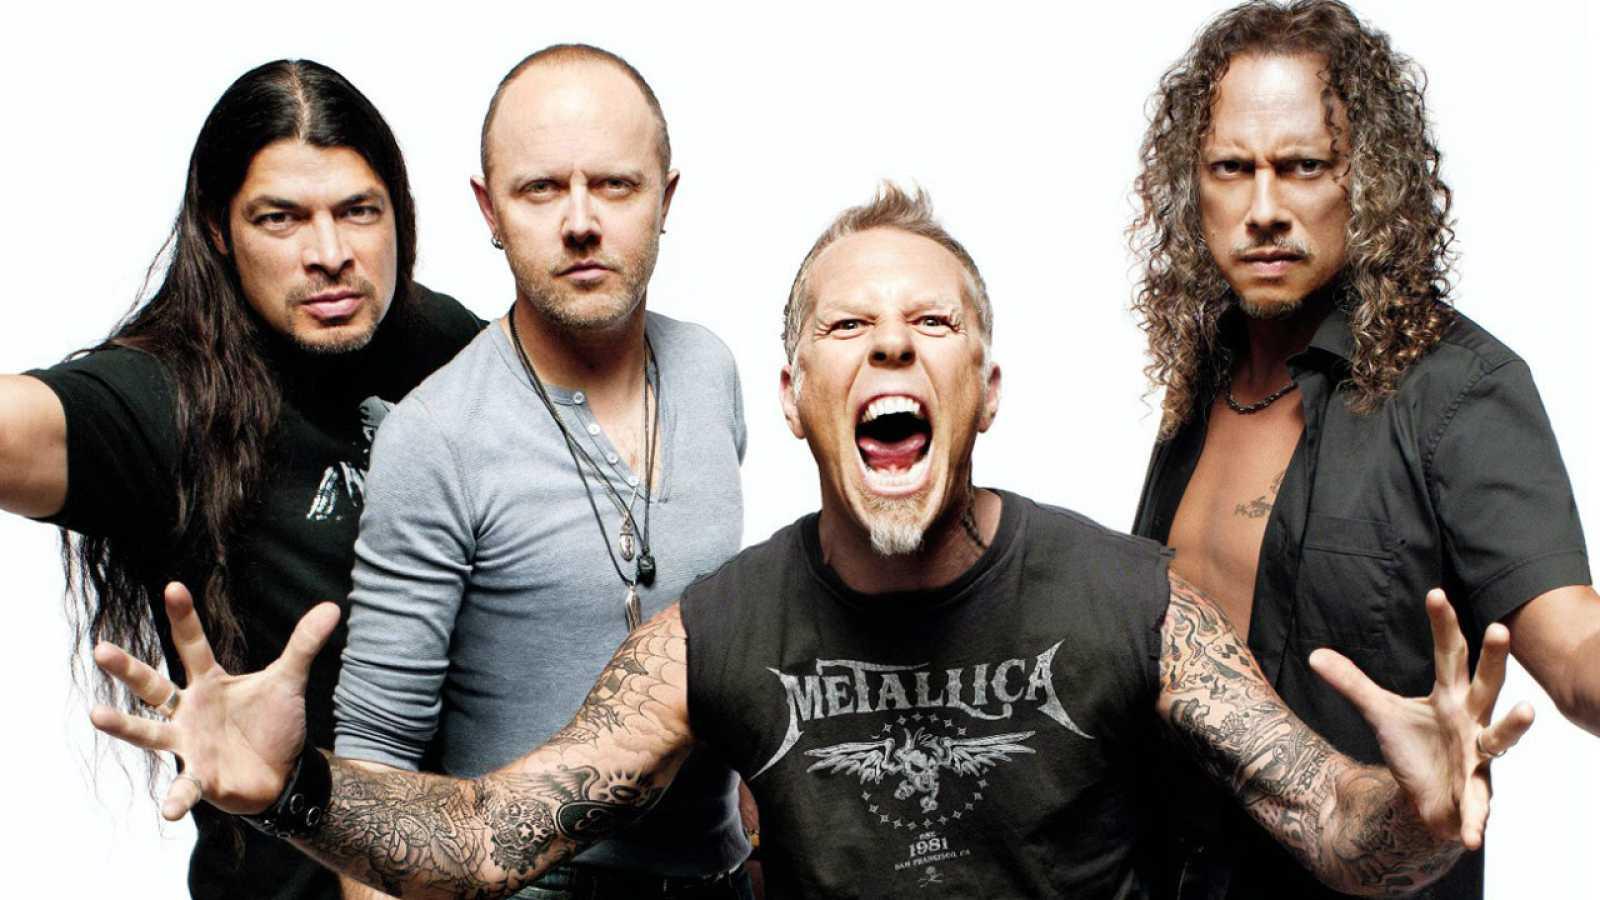 El vuelo del Fénix - Metallica nos habla de su nuevo disco - 17/11/16 - escuchar ahora